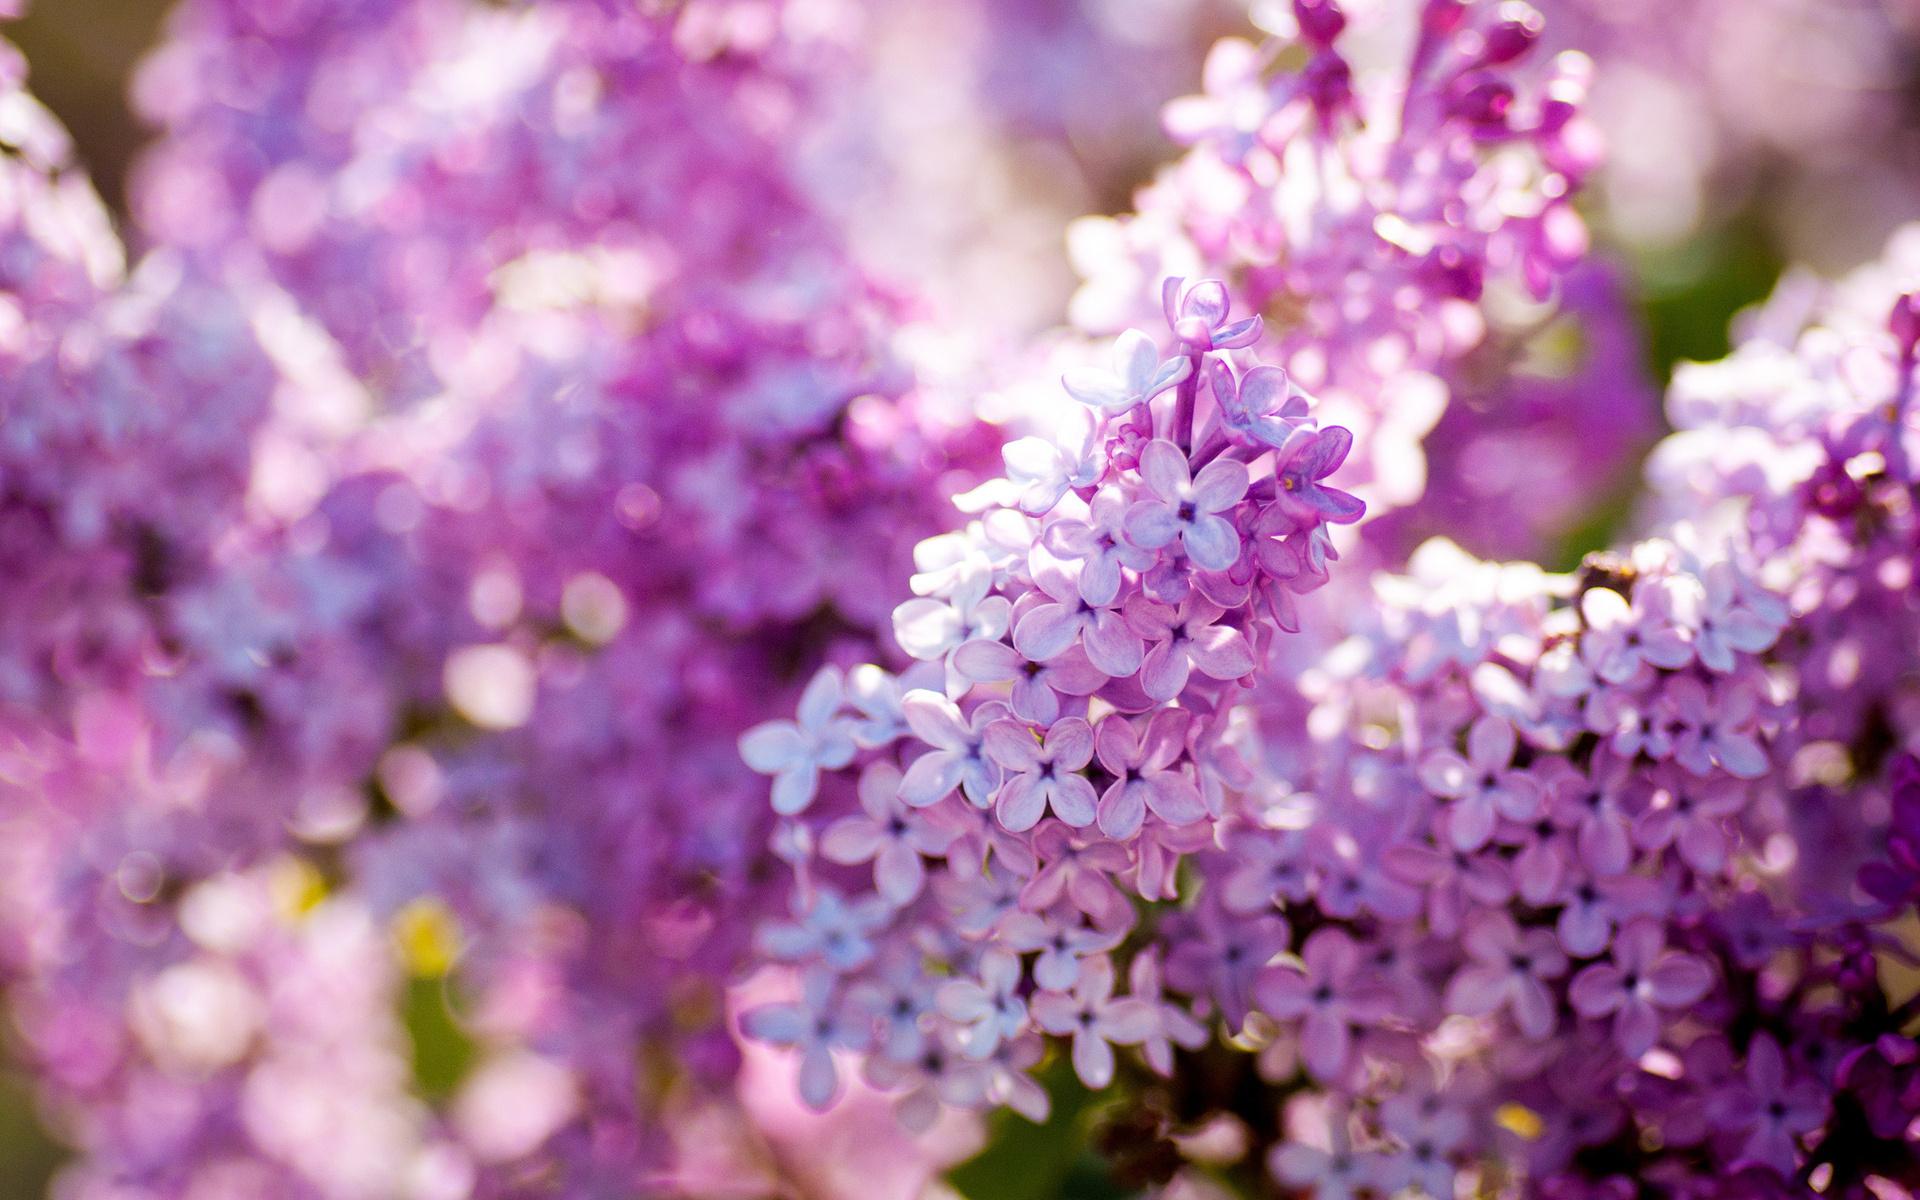 Картинки цветы сирени на рабочий стол, день рождения любимой